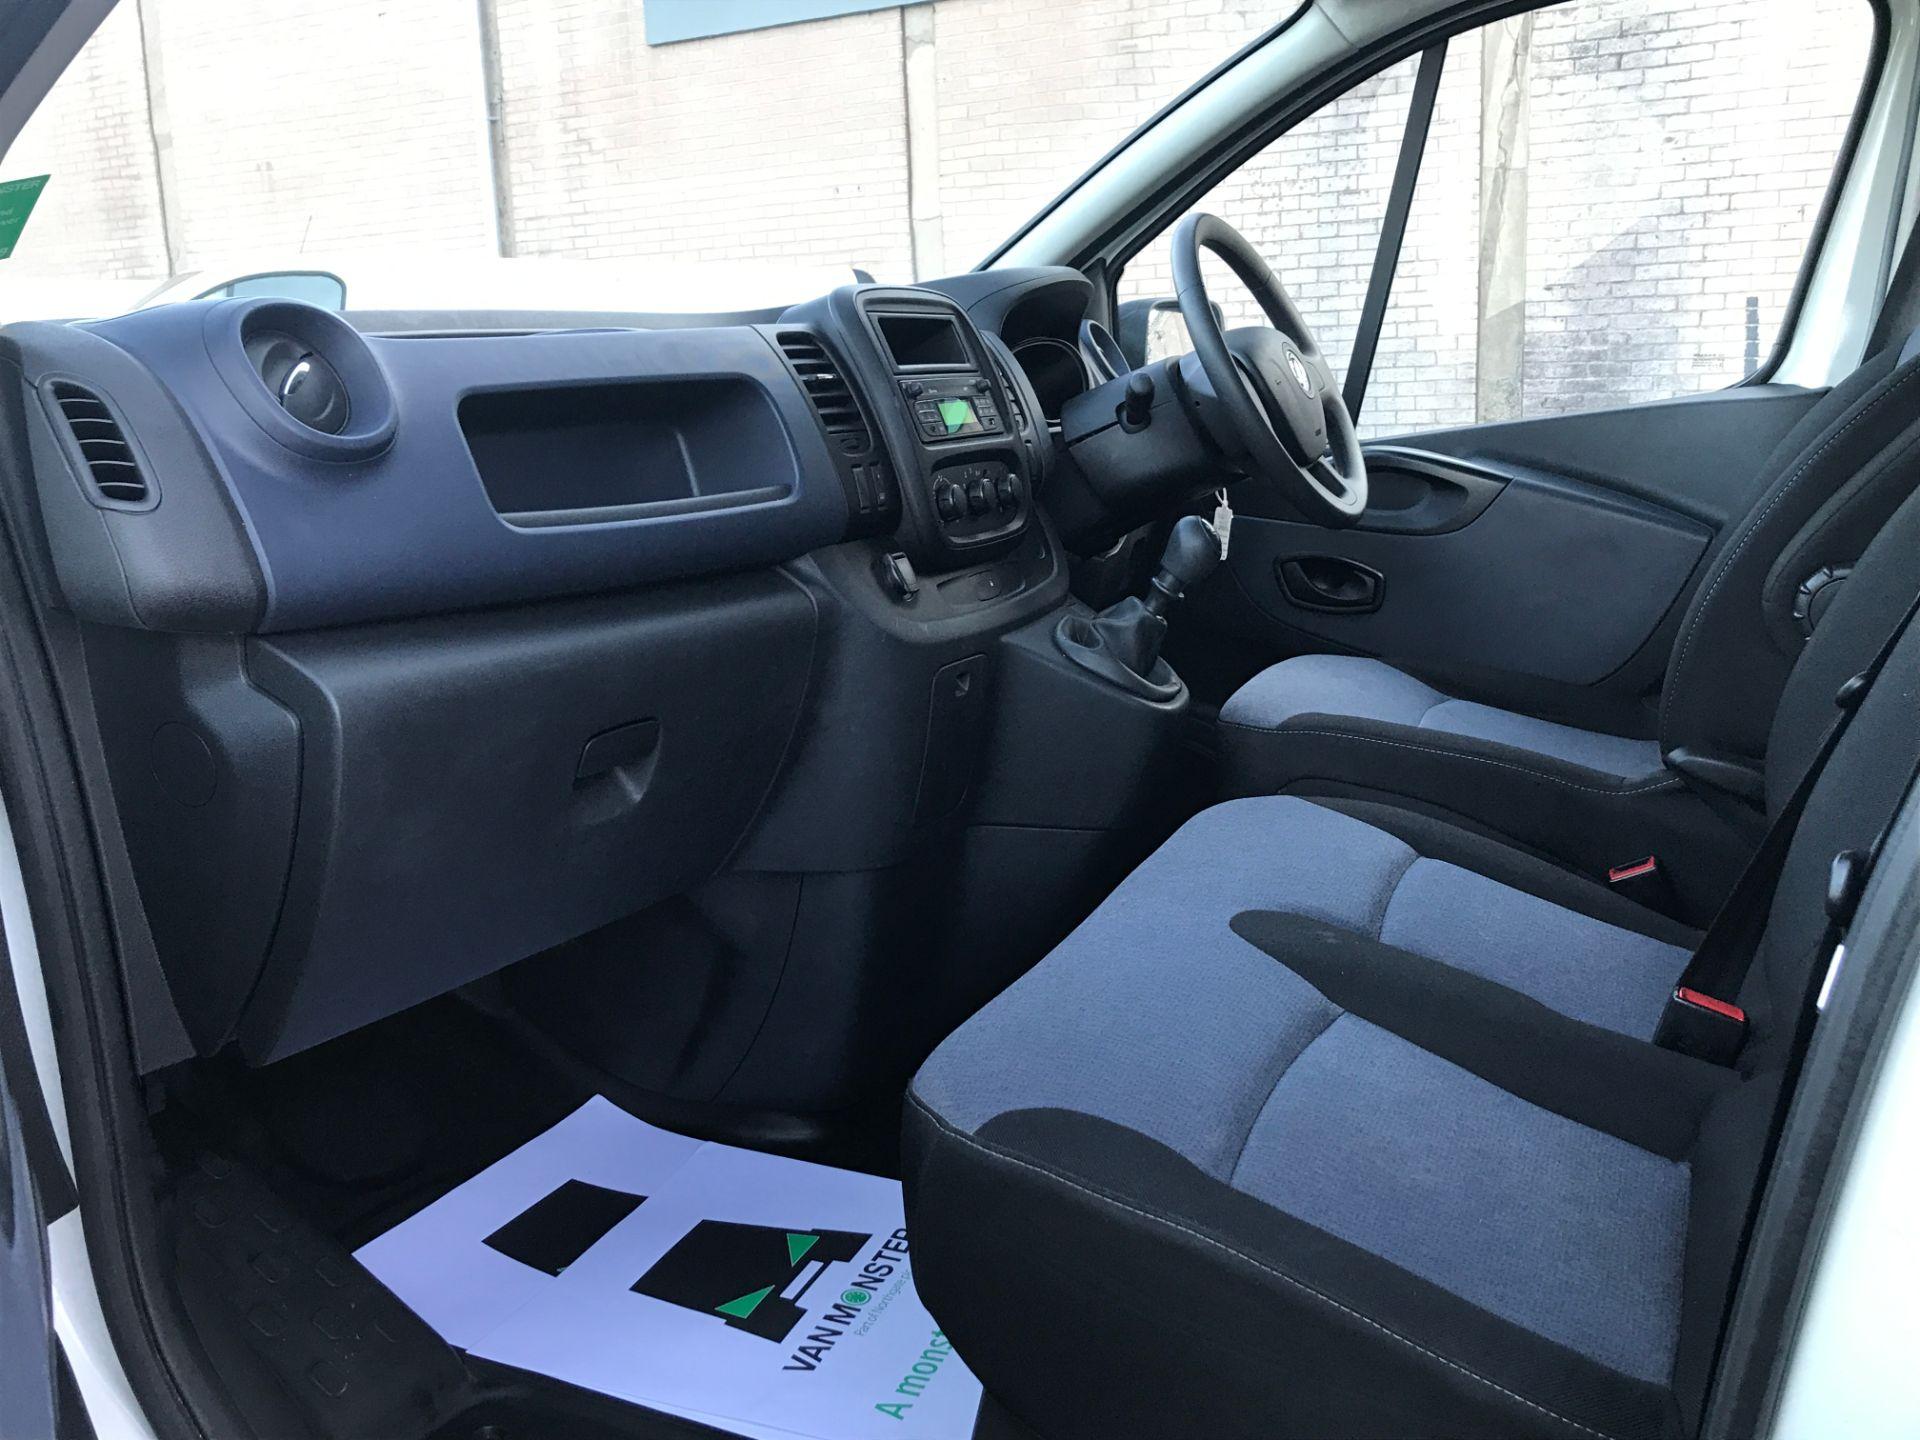 2017 Vauxhall Vivaro 2900 L2 H1 1.6CDTI 120PS EURO 6 (DP17UJB) Image 12